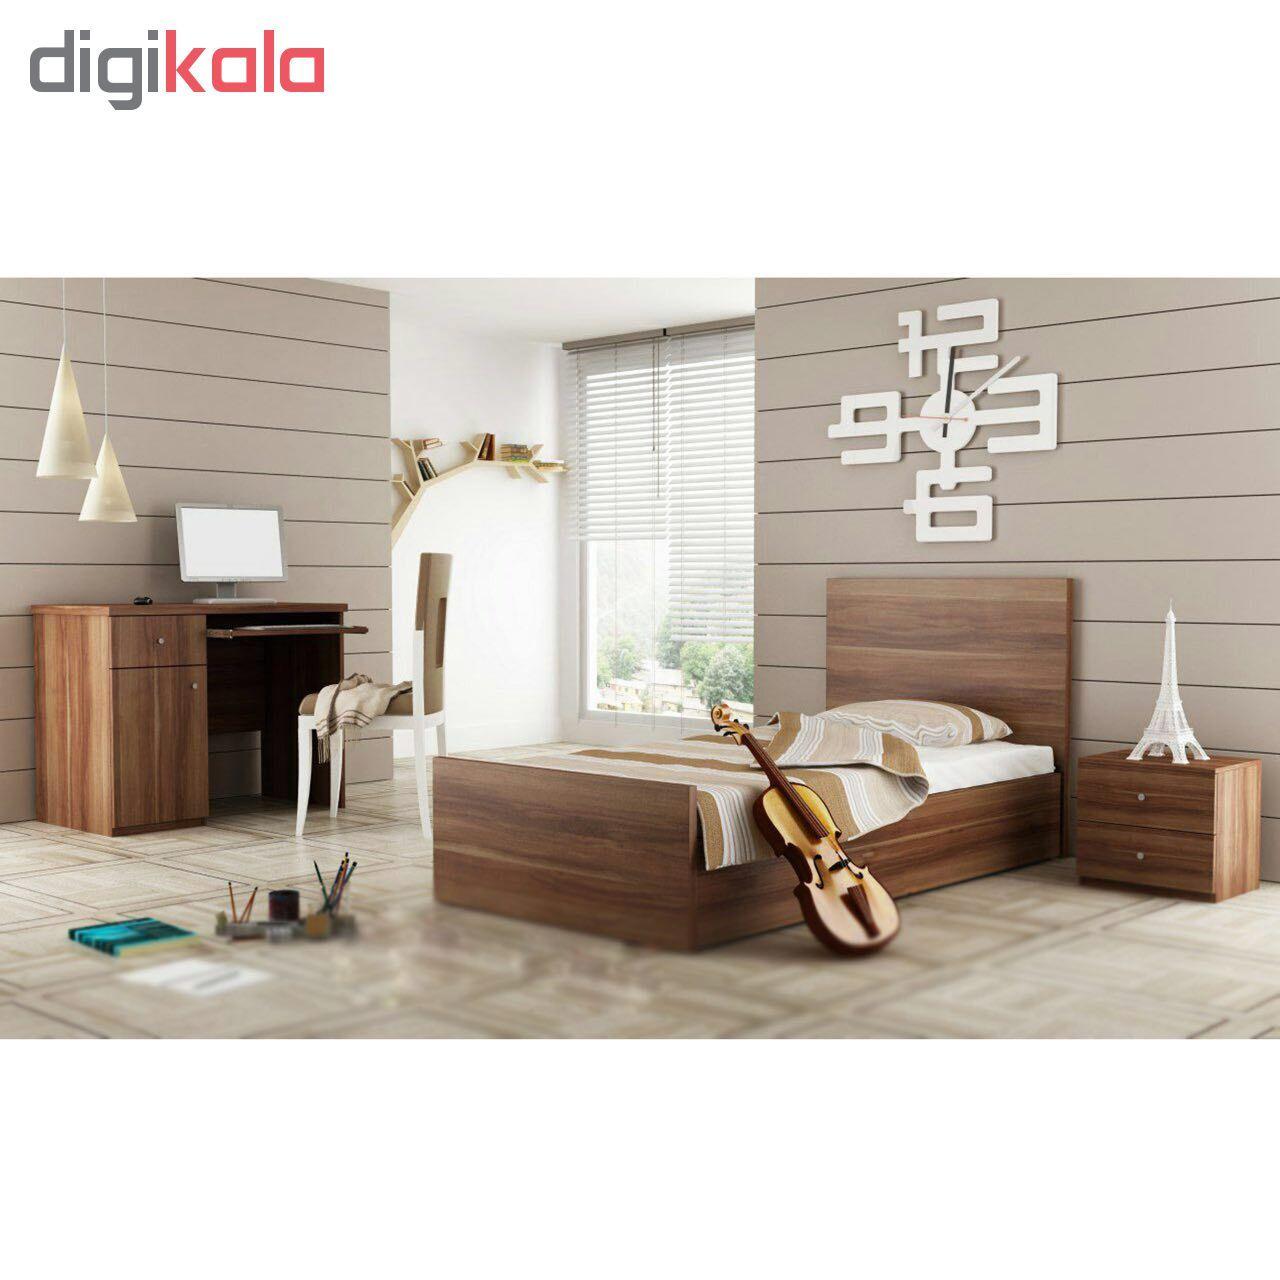 تخت خواب یک نفره مدل AK_B_AlbrzV سایز 90x200 سانتی متر main 1 1